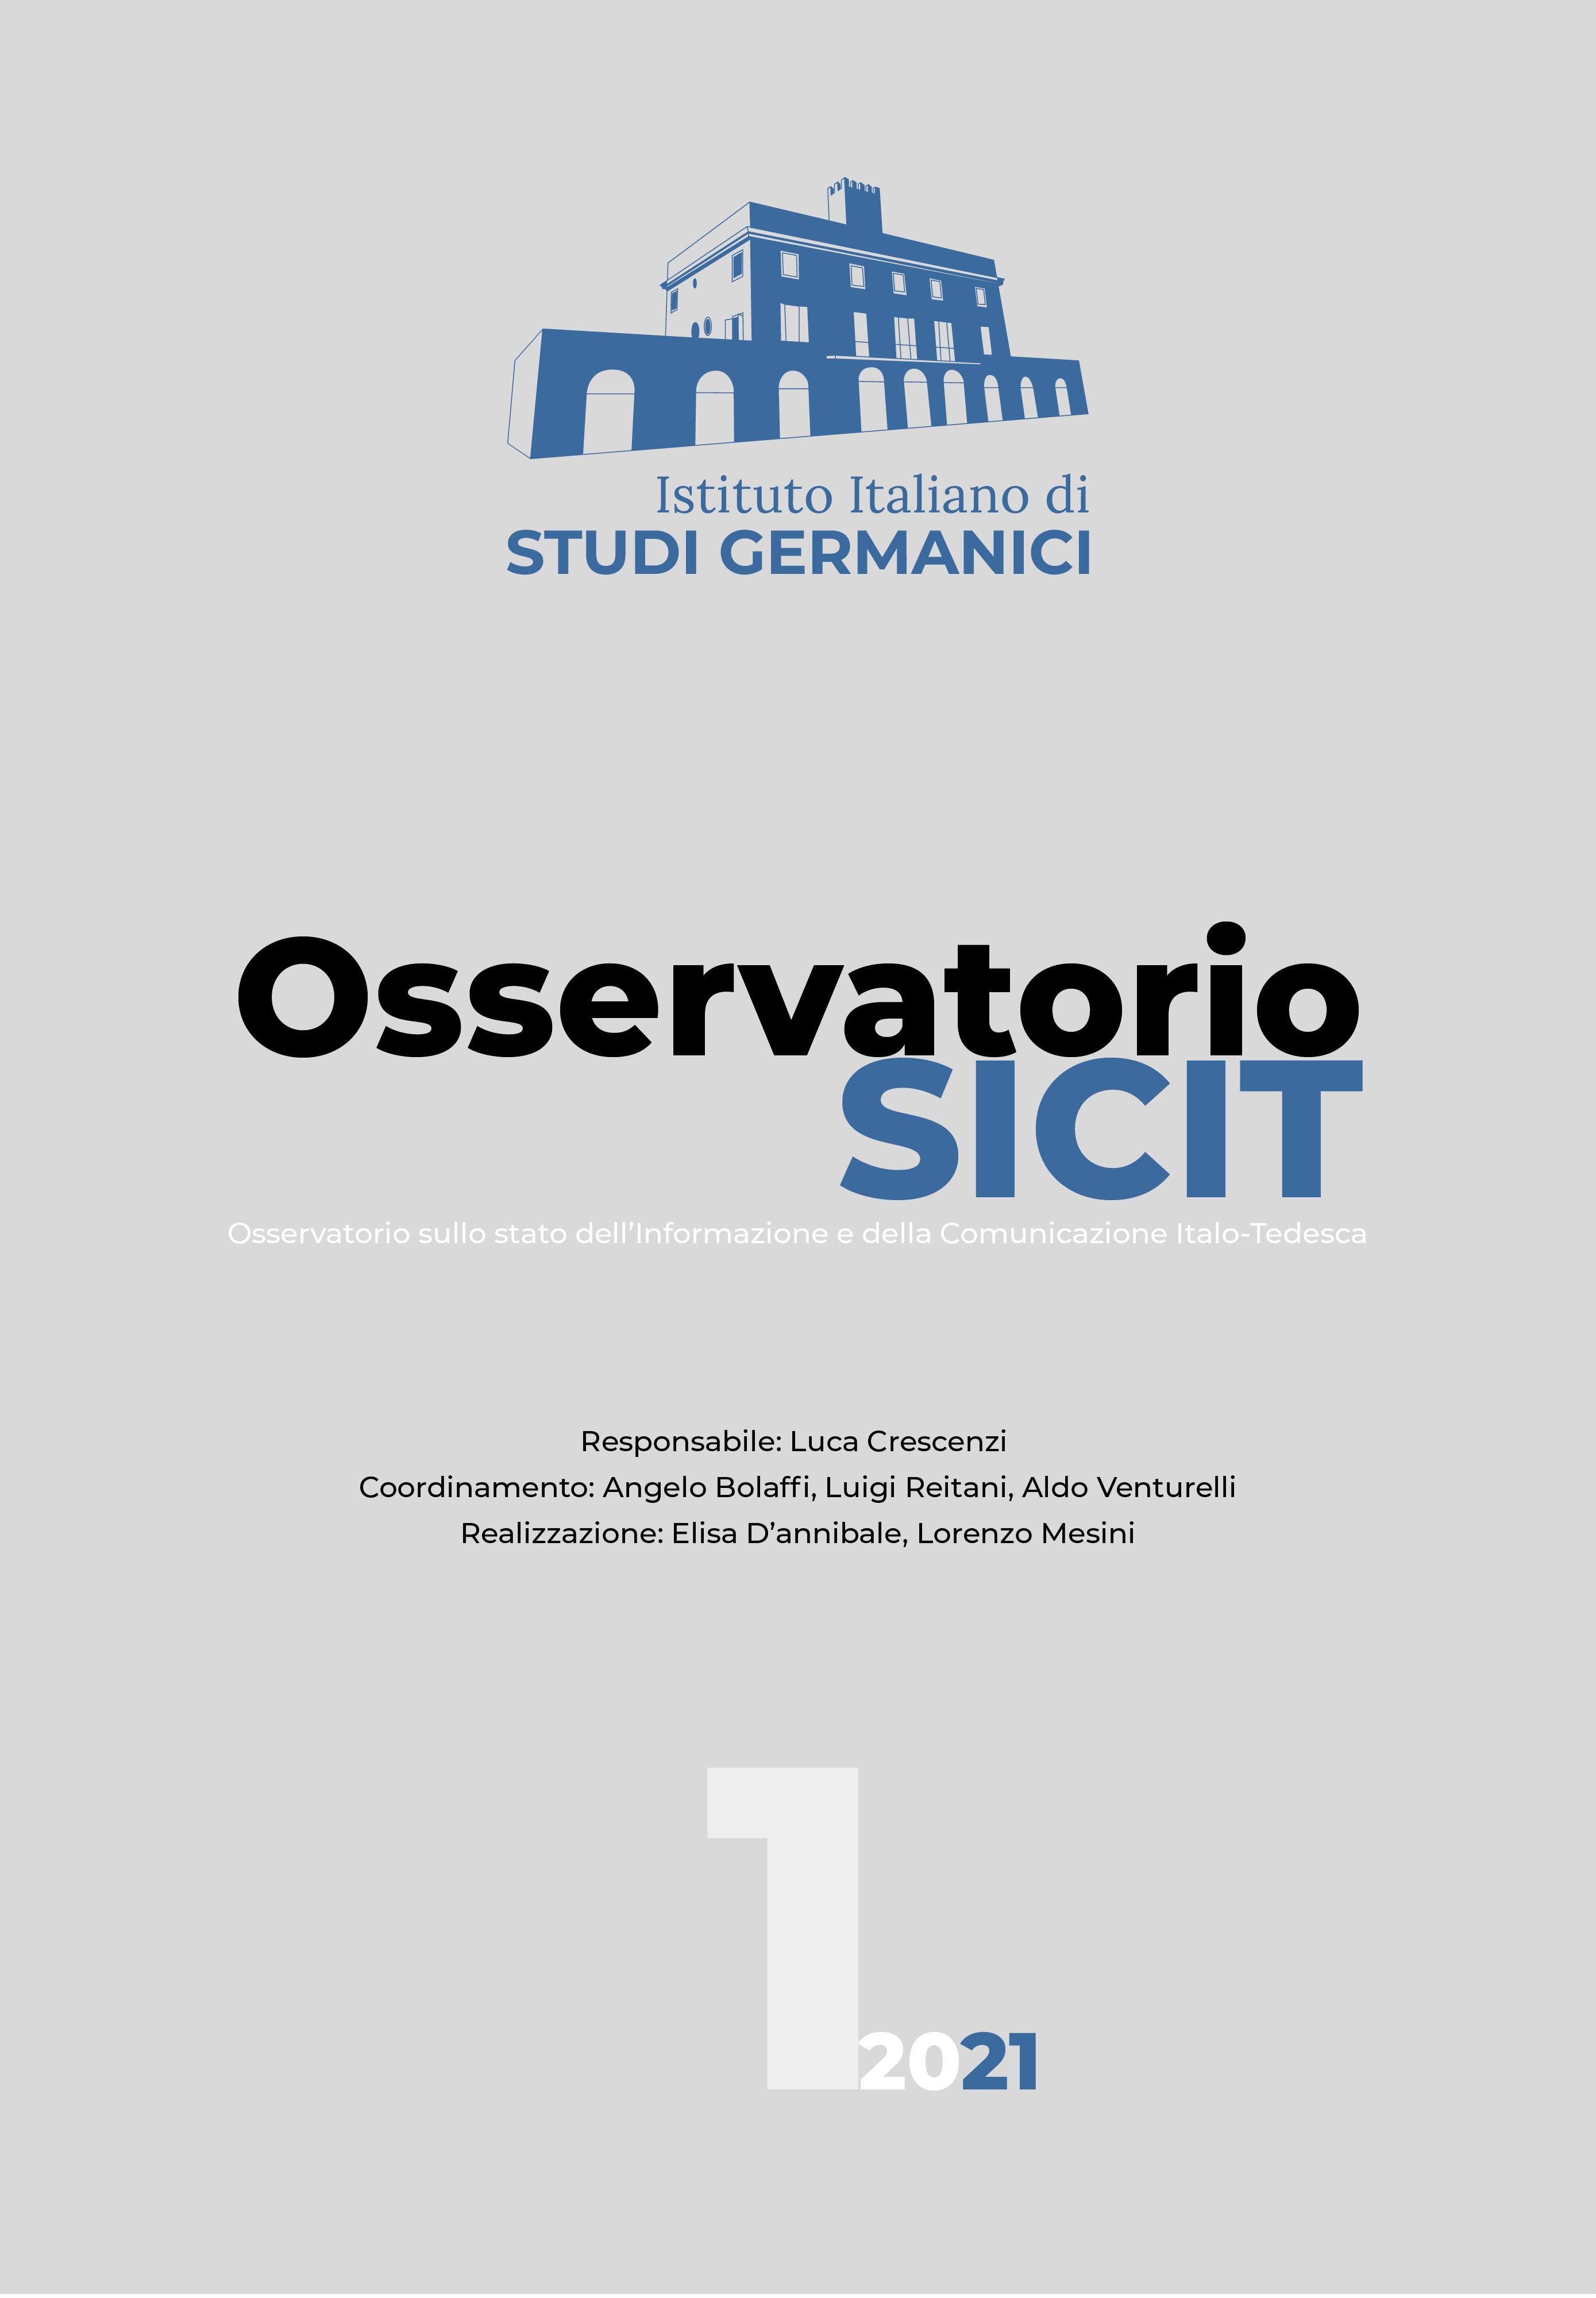 OSSERVATORIO SULLO STATO DELL'INFORMAZIONE E DELLA COMUNICAZIONE ITALO-TEDESCA